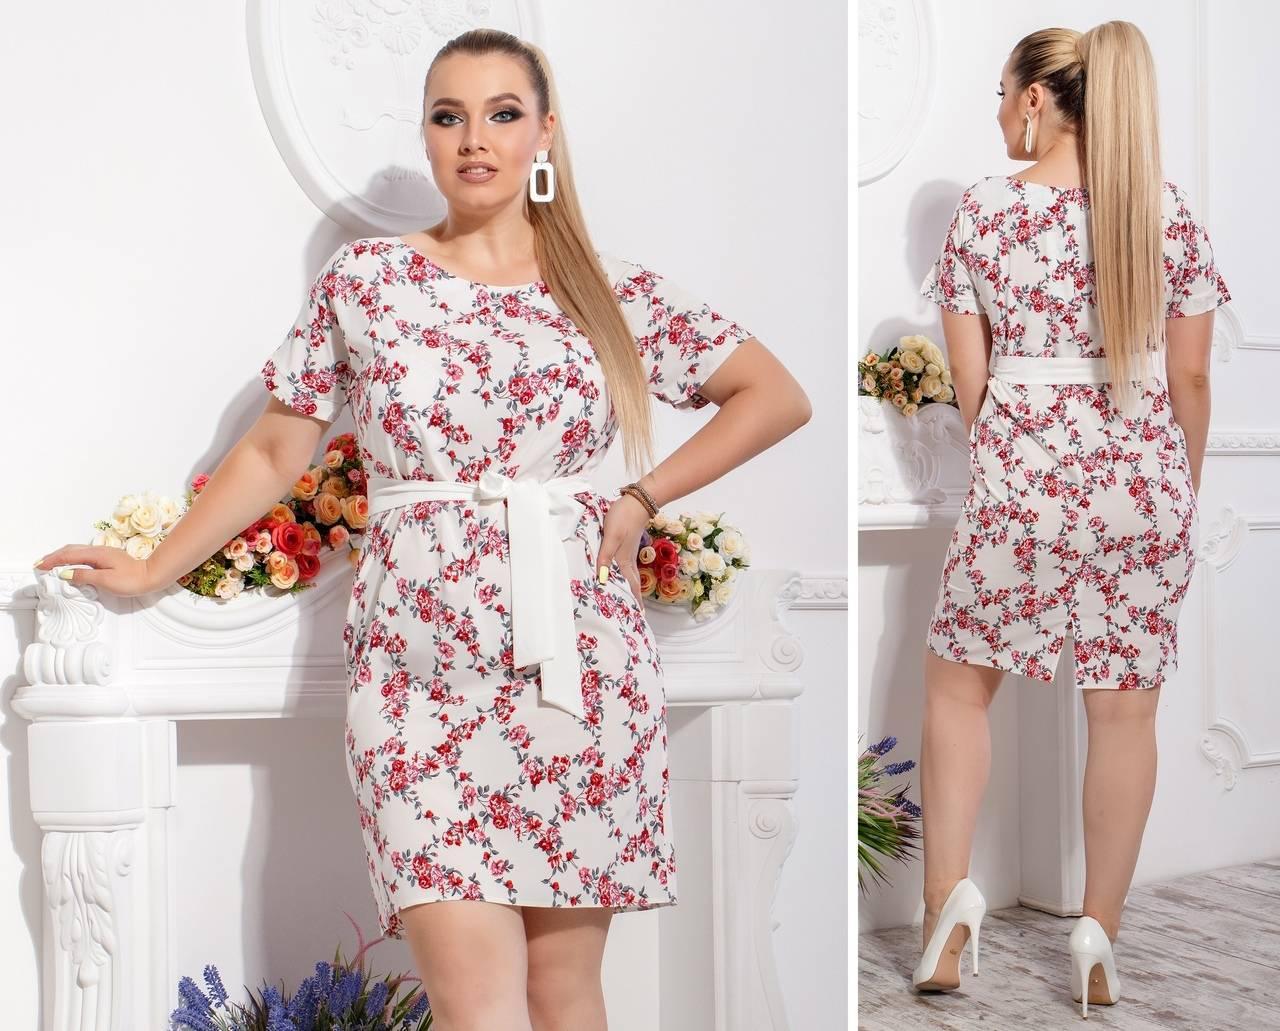 Новинка! Летнее платье с поясом ( арт. 110 ), ткань супер софт, красная веточка на белом